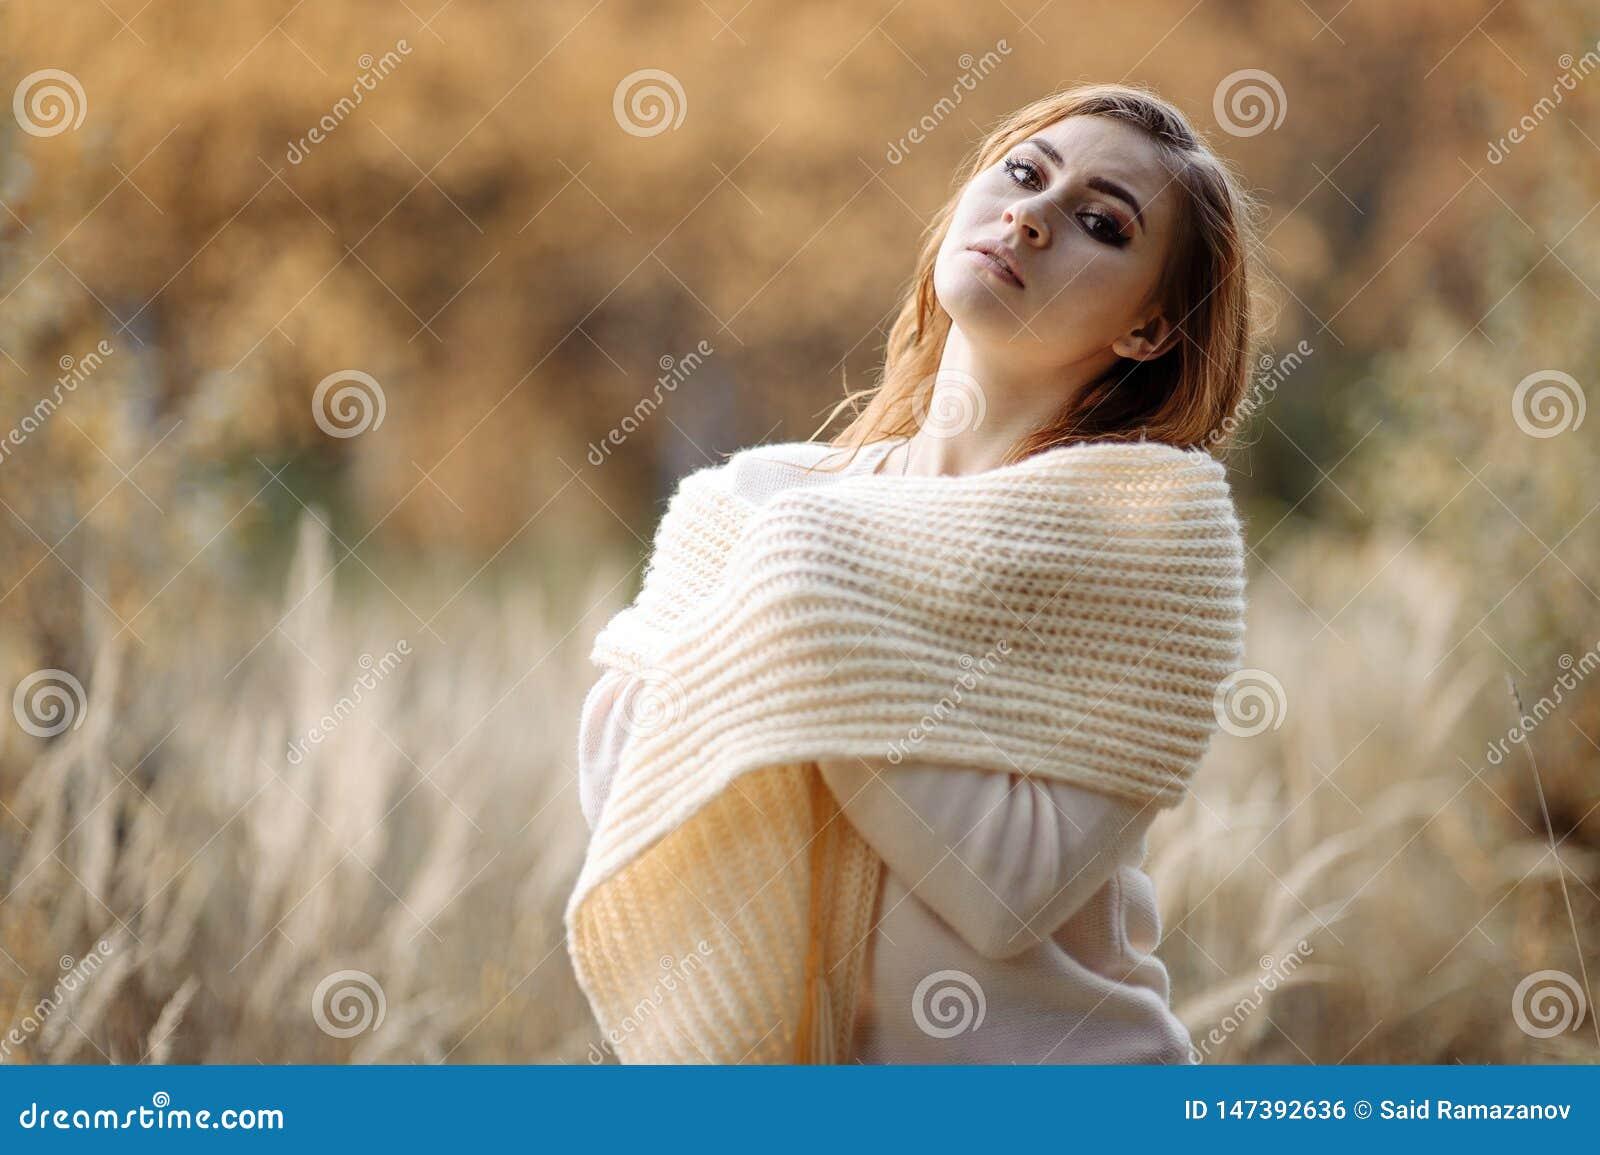 R?dh?rig flicka i ljus kl?der mot bakgrunden av h?stskogen och gula ?ron